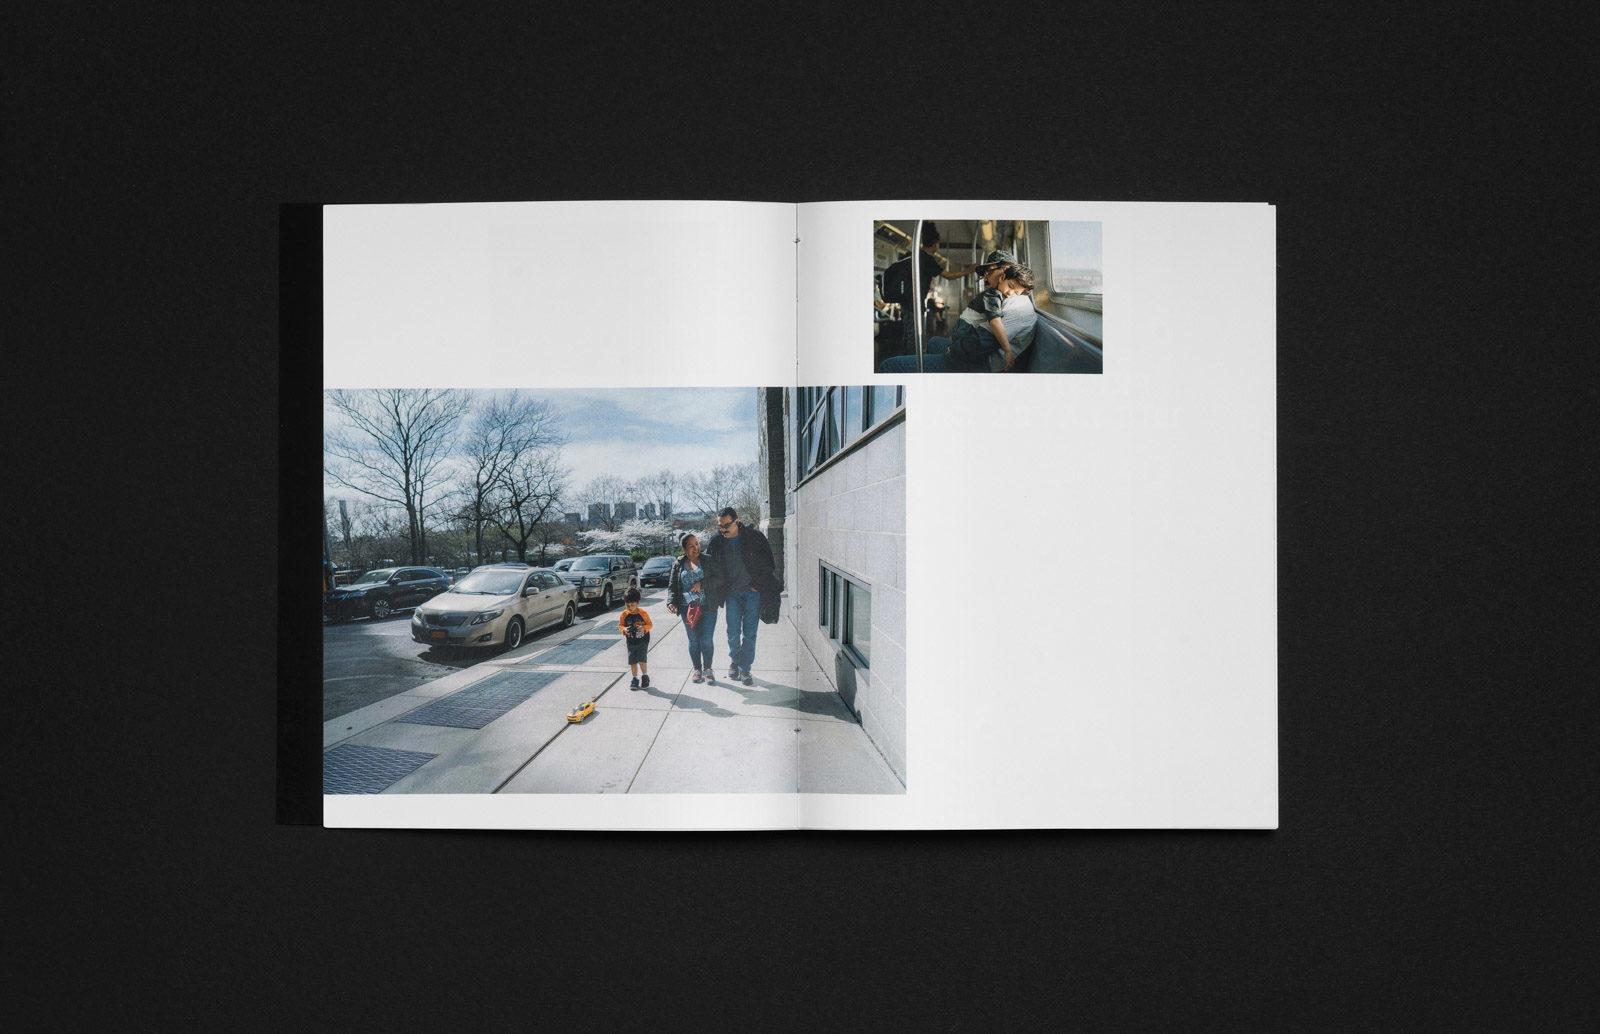 Editienne Grafikdesign - Kommunikationsdesign Berlin- Buchgestaltung und Coverdesign Fotobuch Out of Place 8